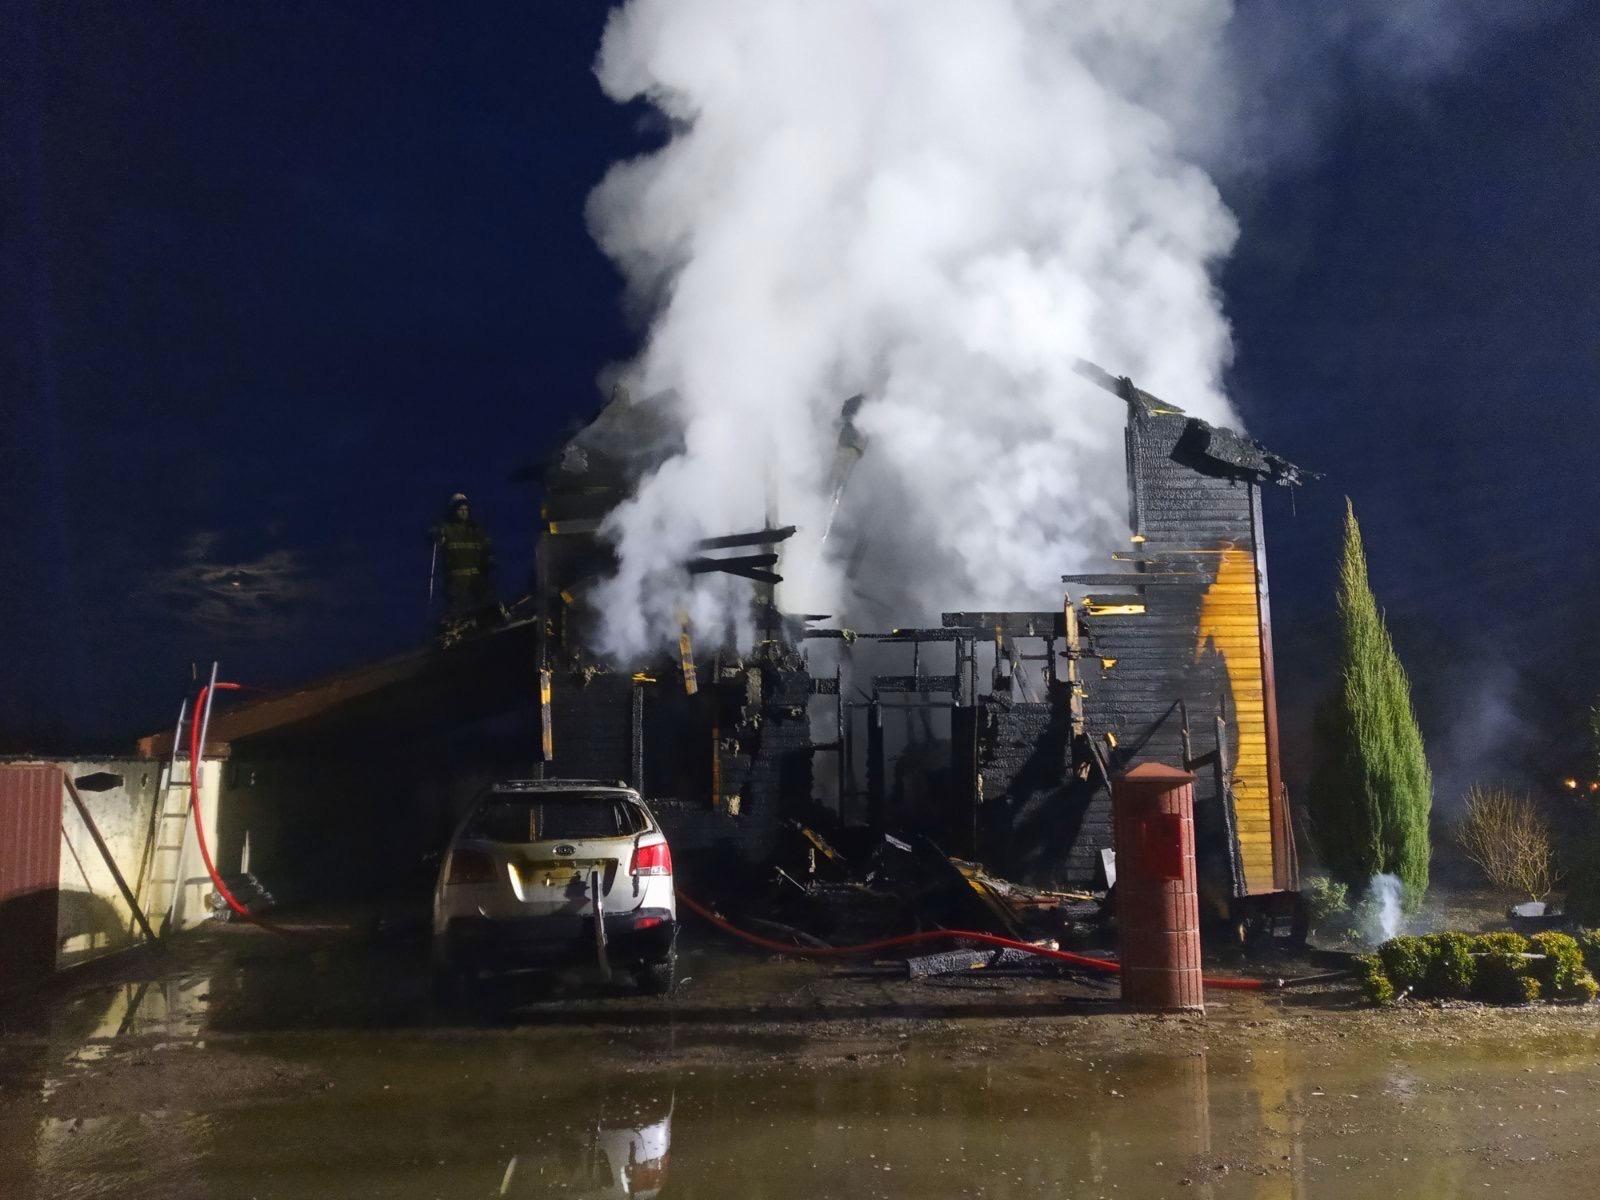 Під Києвом вщент згорів двоповерховий дерев'яний будинок та іномарка - пожежа, озера, Бородянка - 02